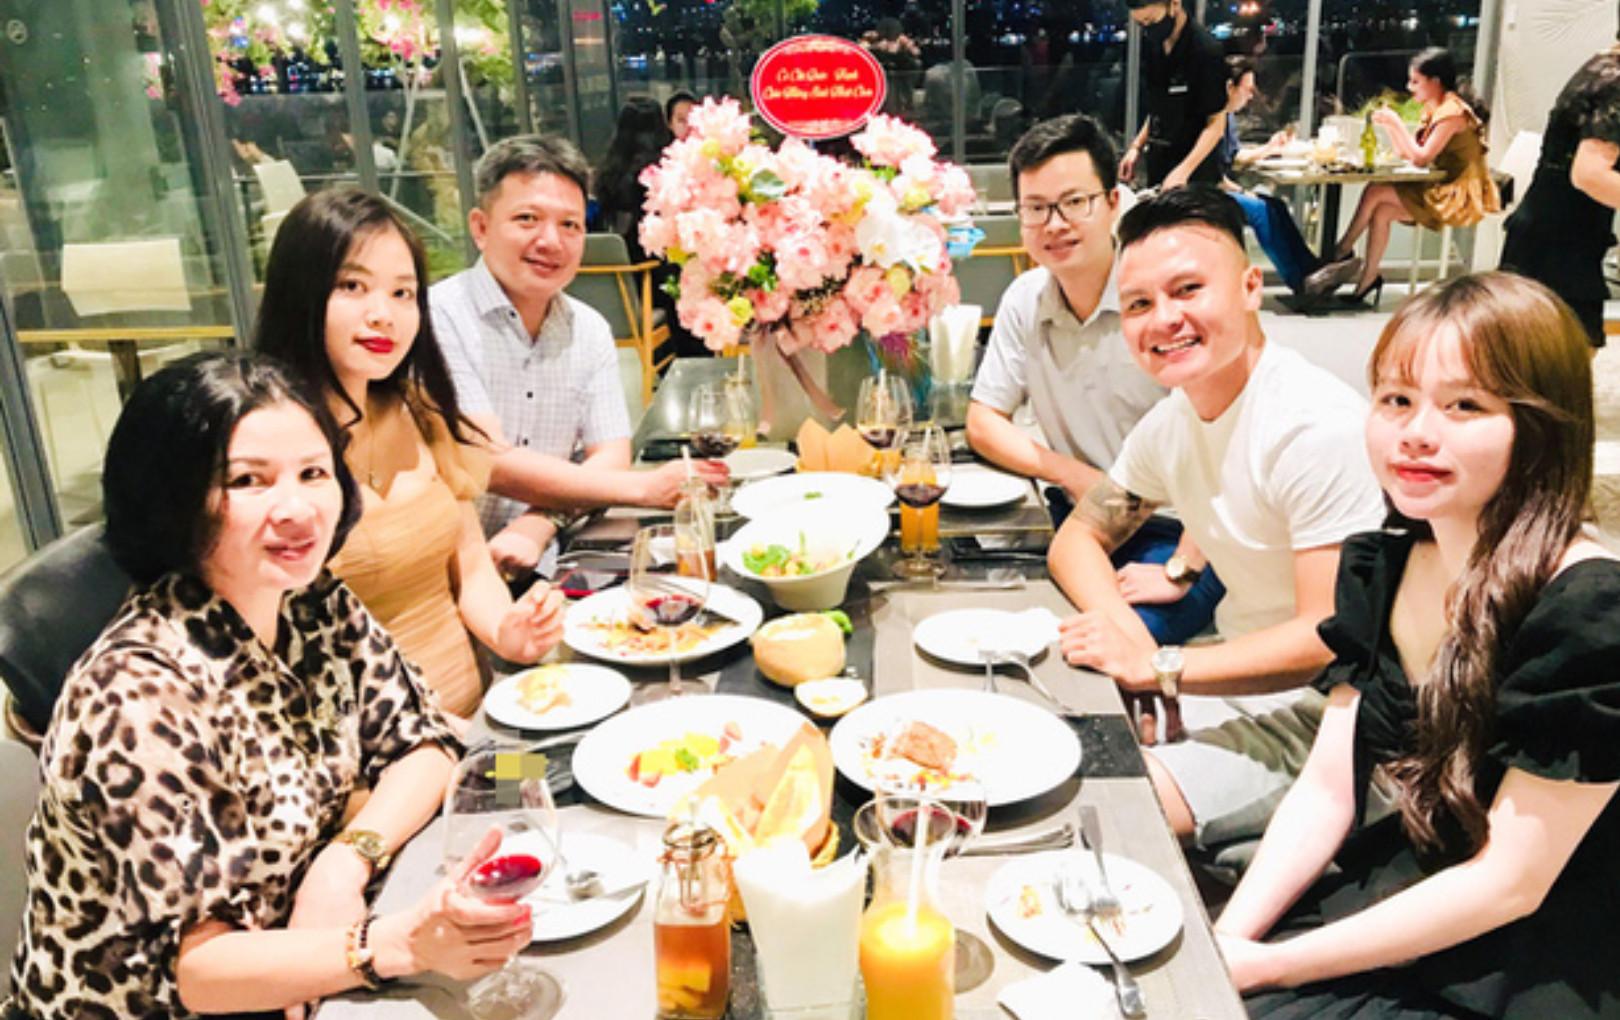 Đích thân bố mẹ Quang Hải tổ chức sinh nhật lần nữa cho Huỳnh Anh khiến ai cũng ghen tị